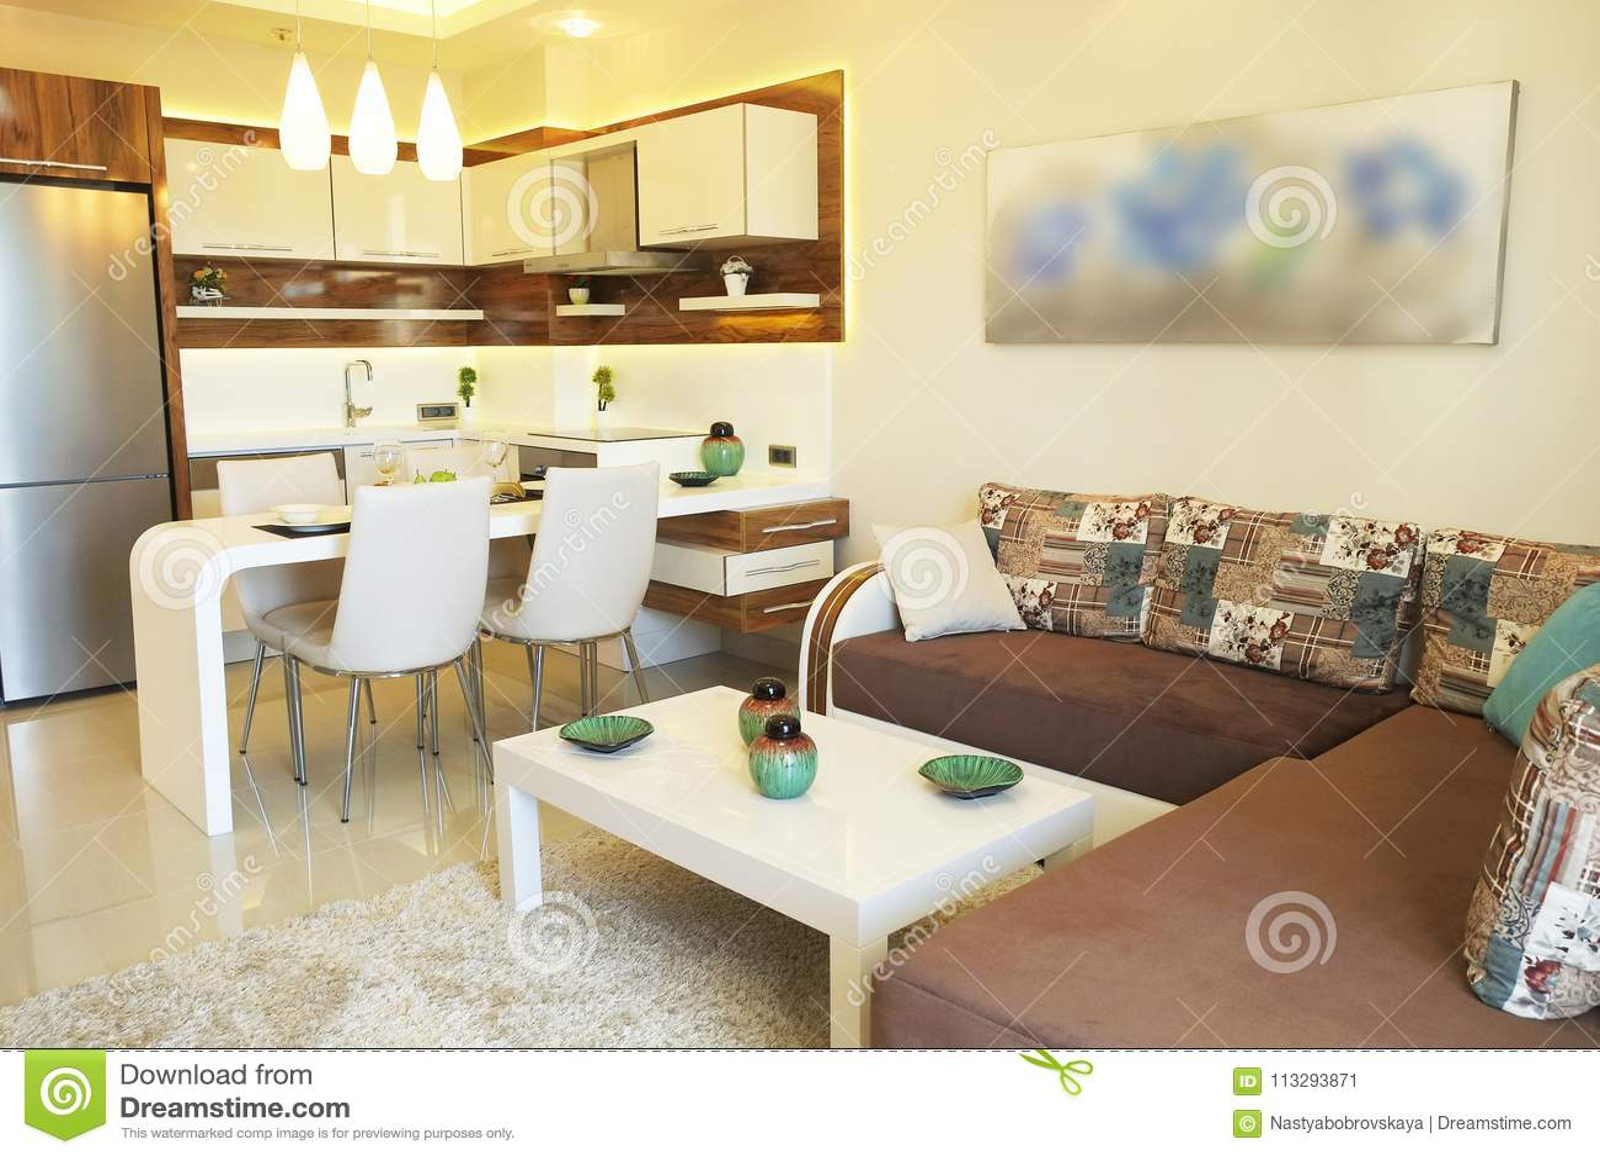 Perfecto Cocina Abierta Ideas De Sala De Estar Foto - Ideas de ...